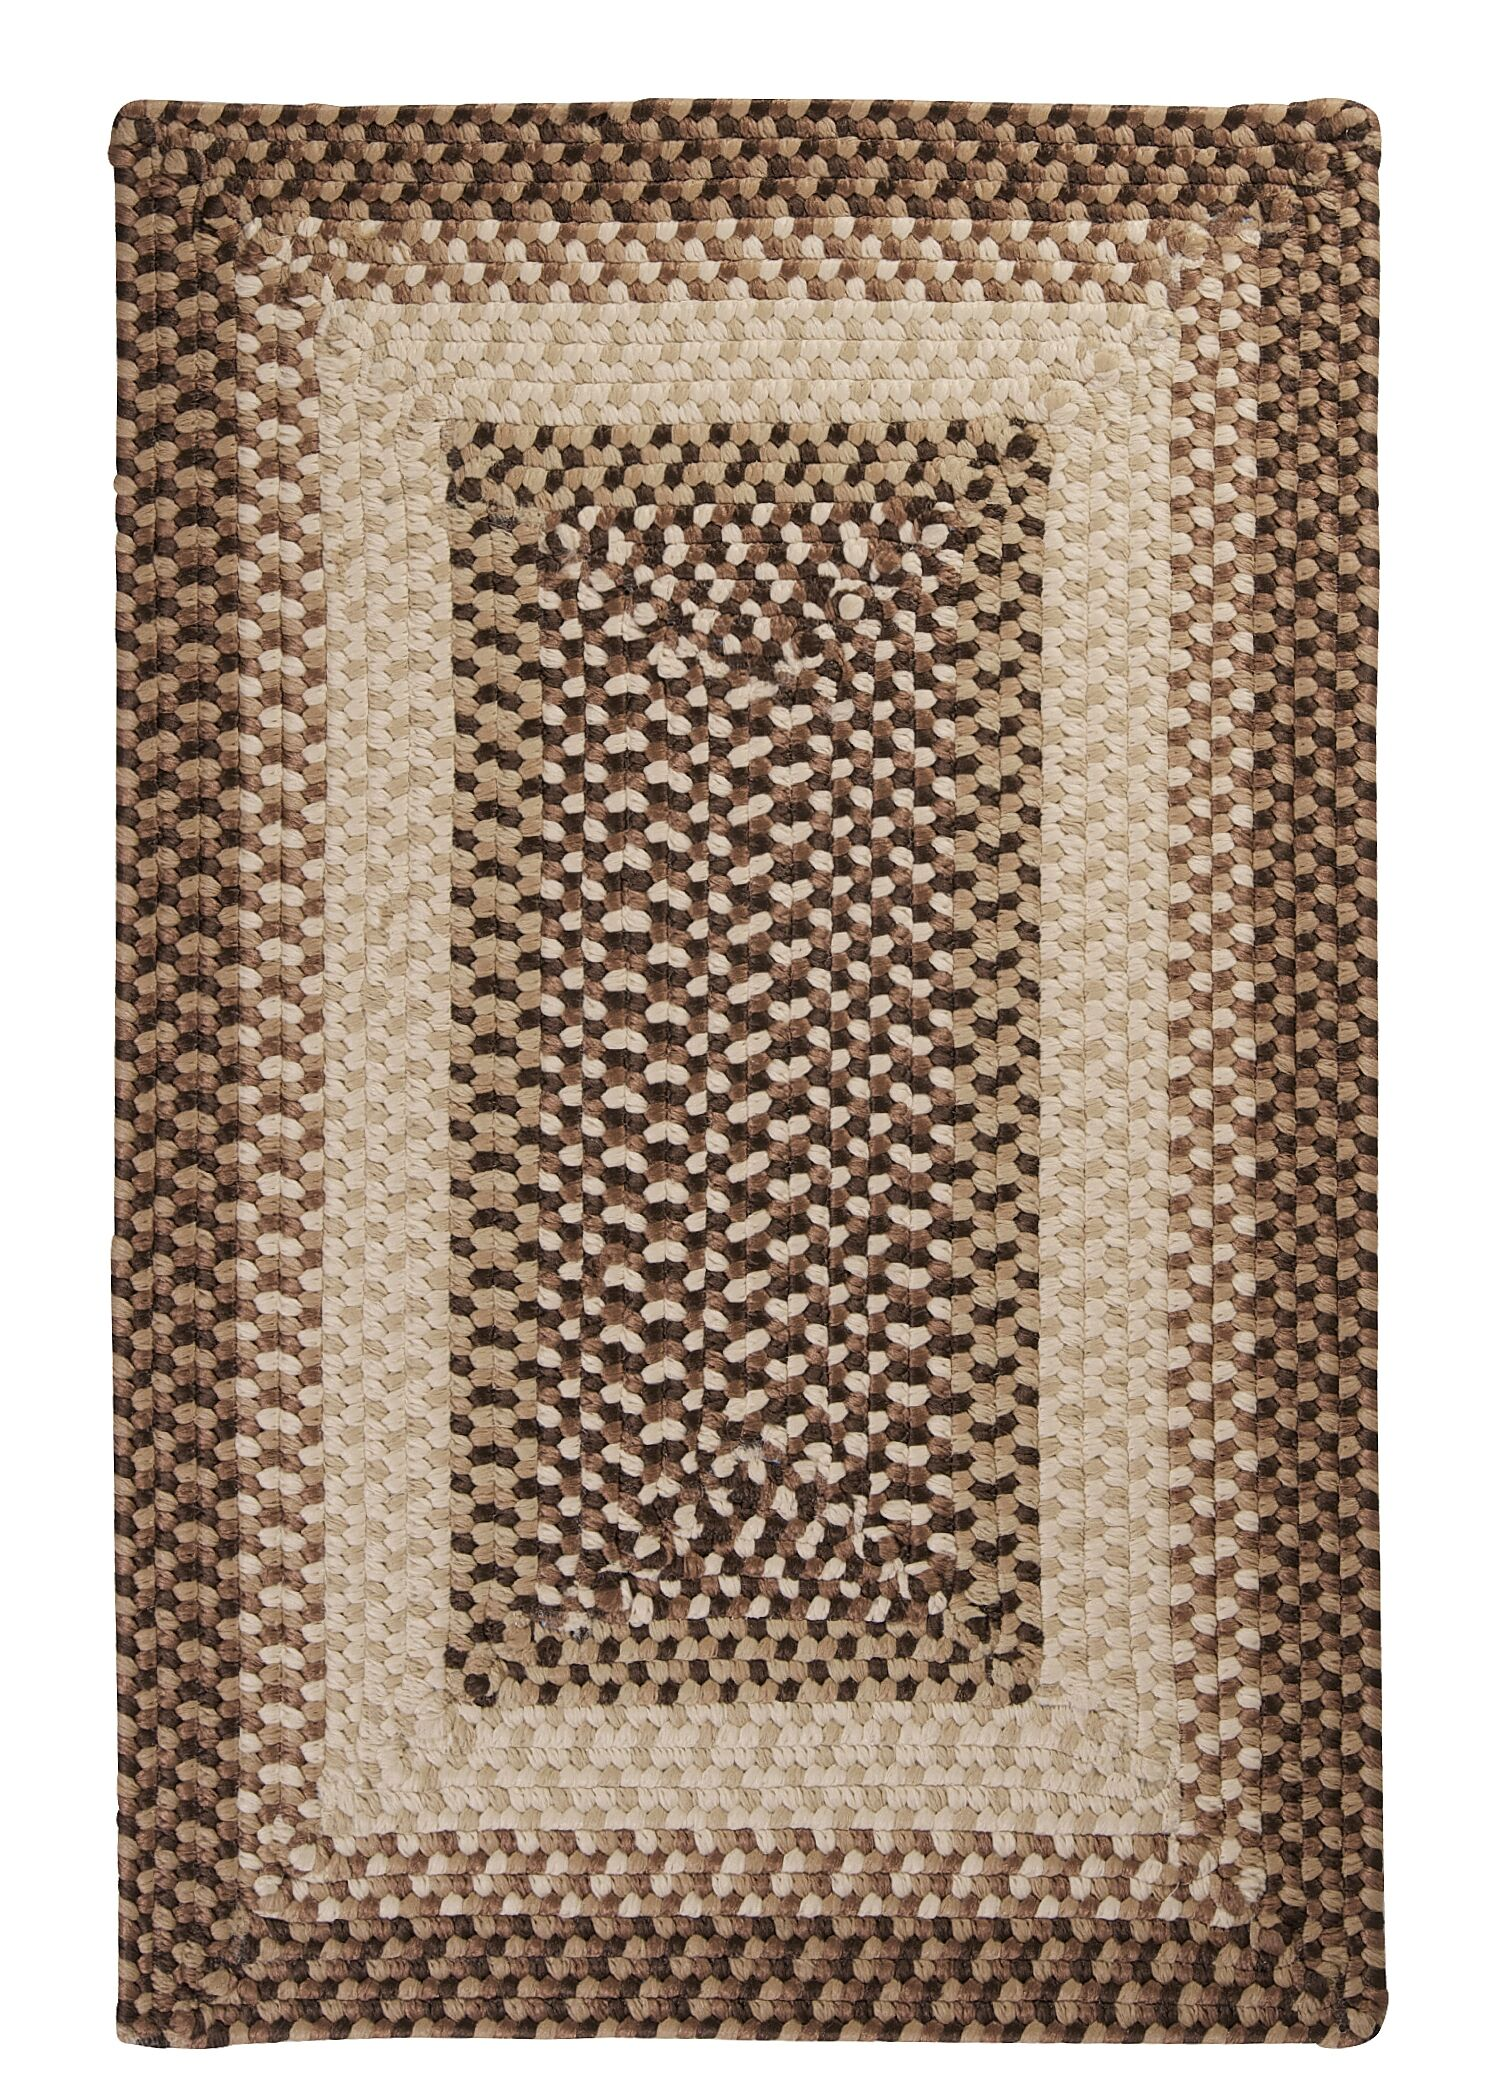 Tiburon Sandstorm Braided Indoor/Outdoor Area Rug Rug Size: Rectangle 4' x 6'